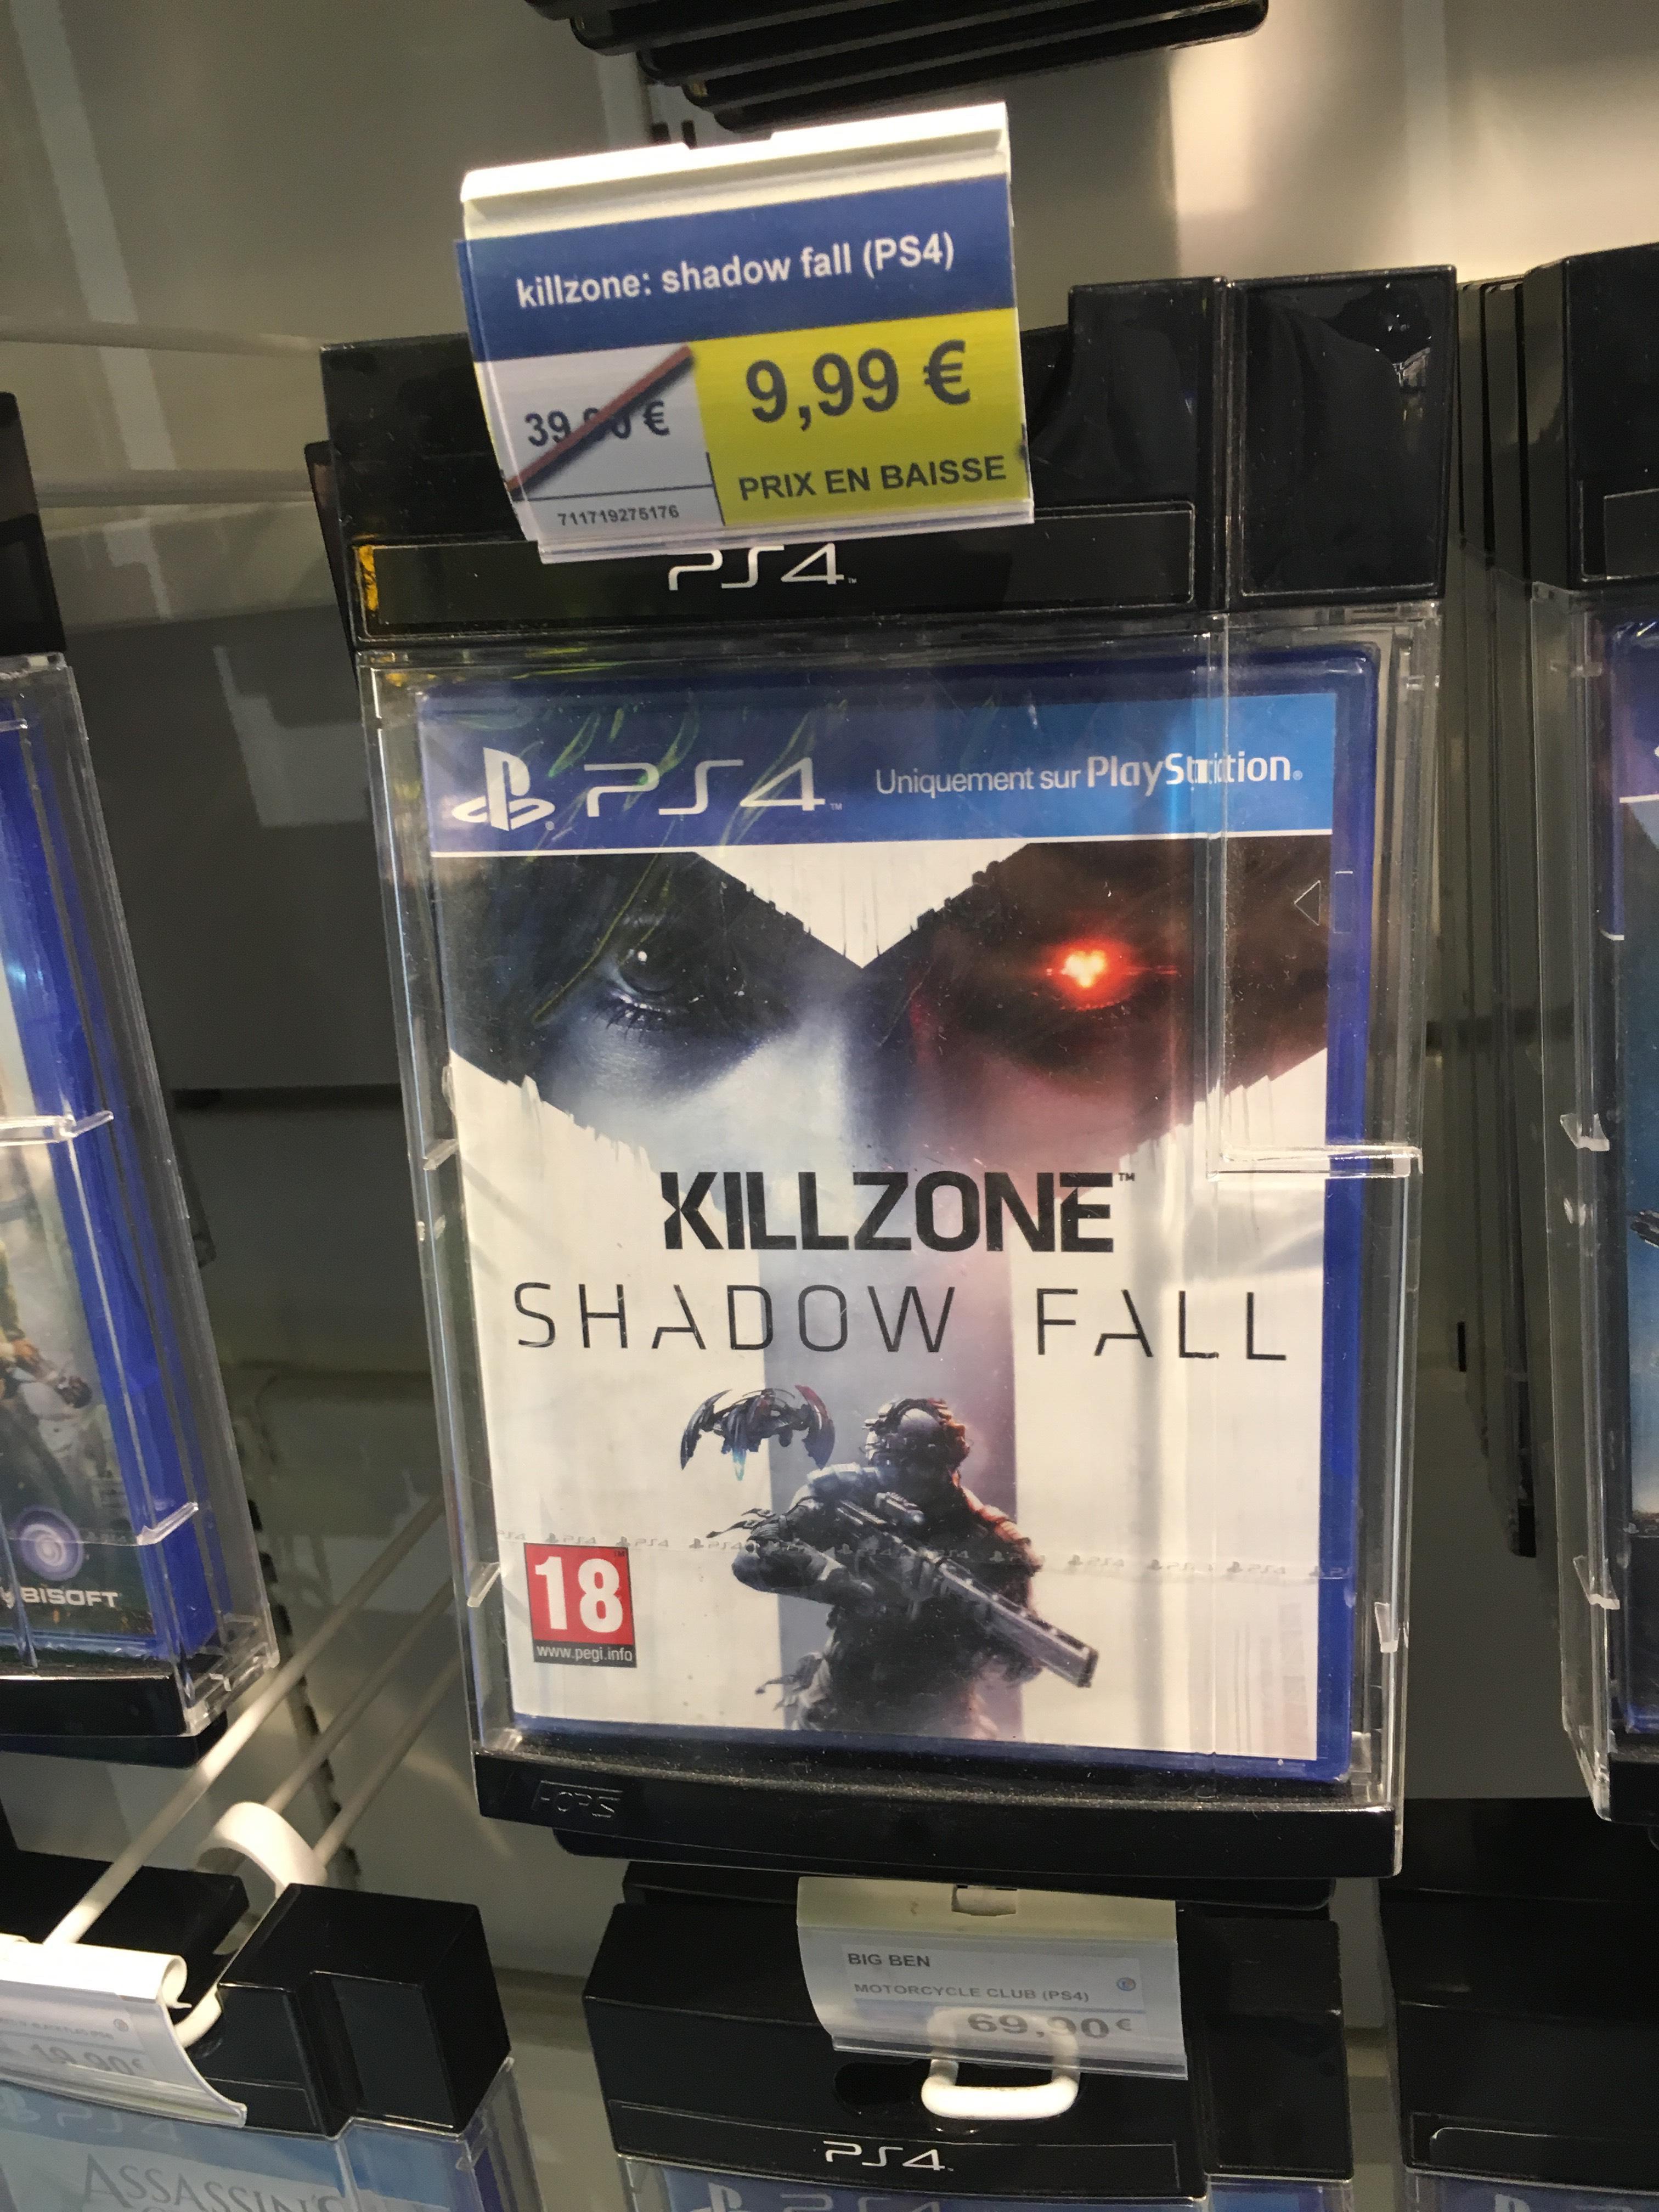 Sélection de jeux PS4 / PS3 en promotion - Ex: Killzone Shadow Fall sur PS4